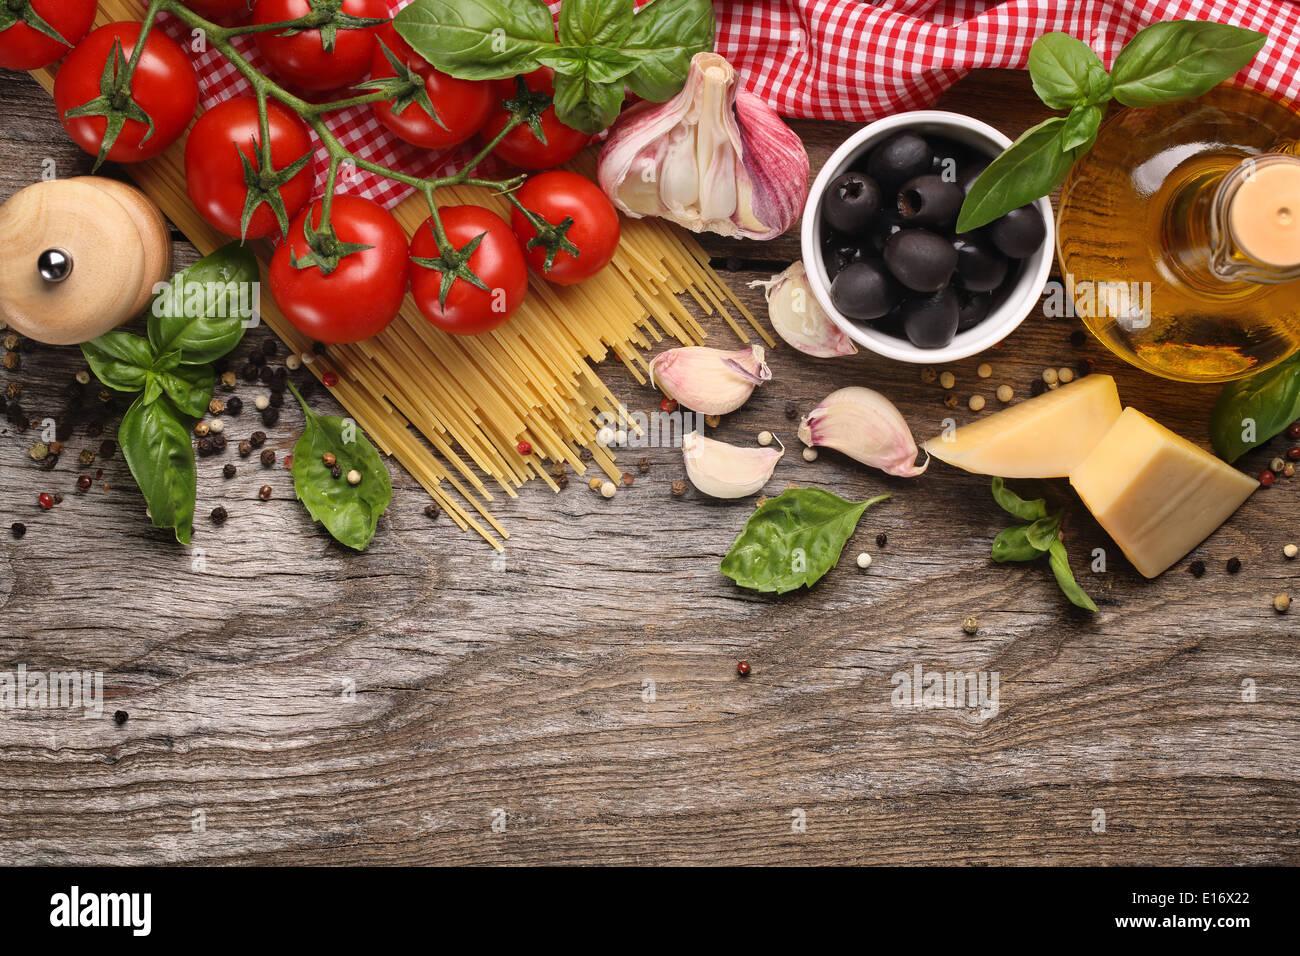 Italienische Küche Zutaten auf hölzernen Hintergrund Stockbild